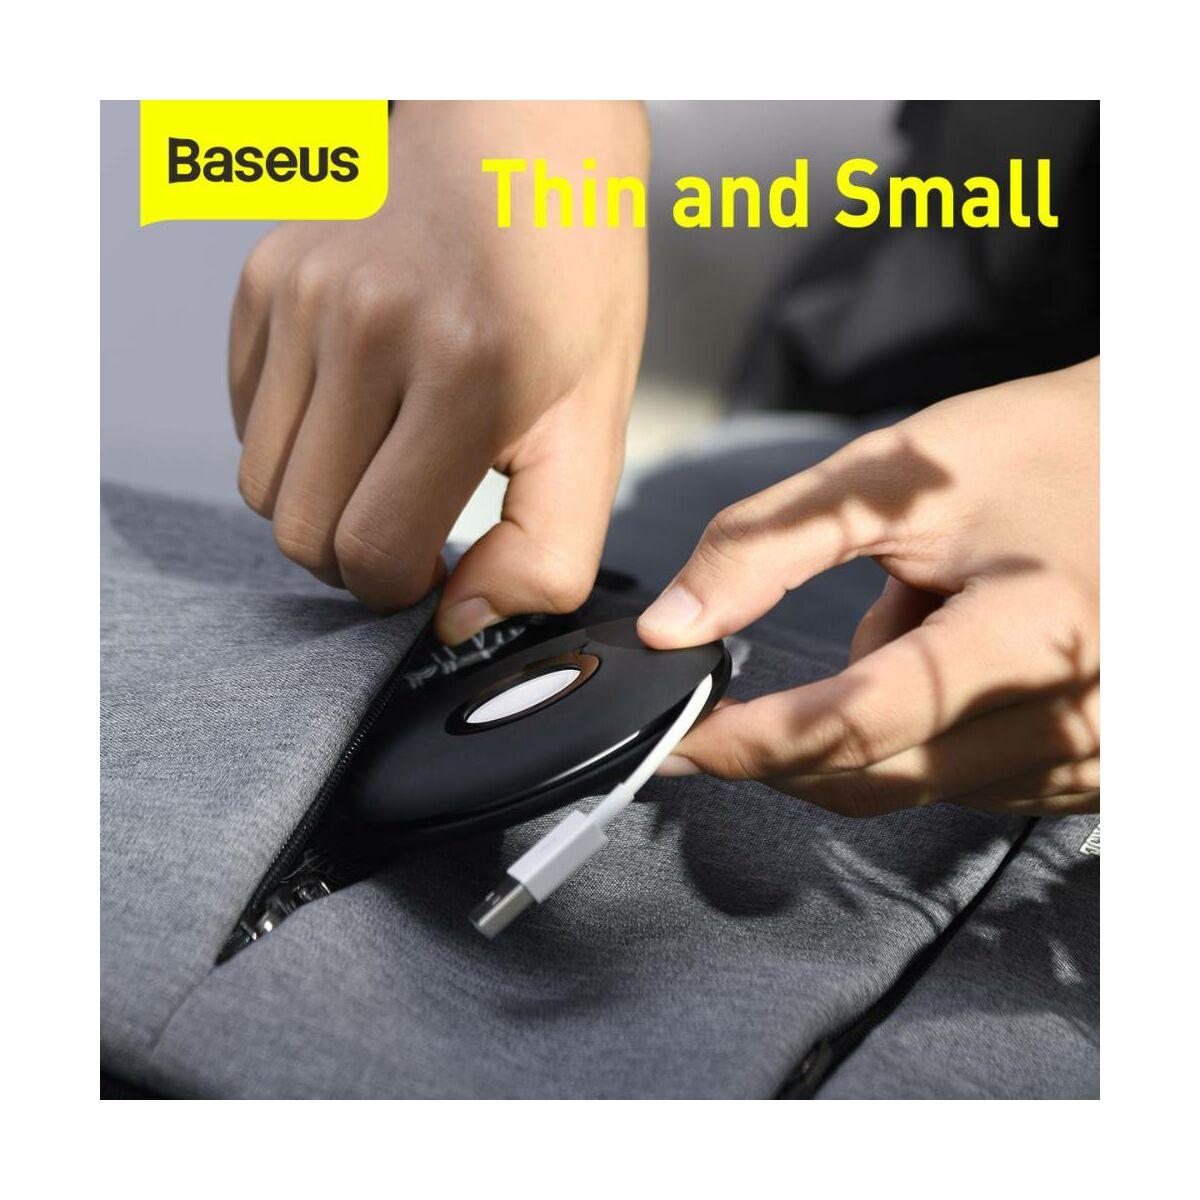 Baseus vezeték nélküli töltő kiegészítő, Planet Cable Winder töltő és kábel tekercselő, iWatch series 1-5 modellhez, fekete (ACSLH-01)